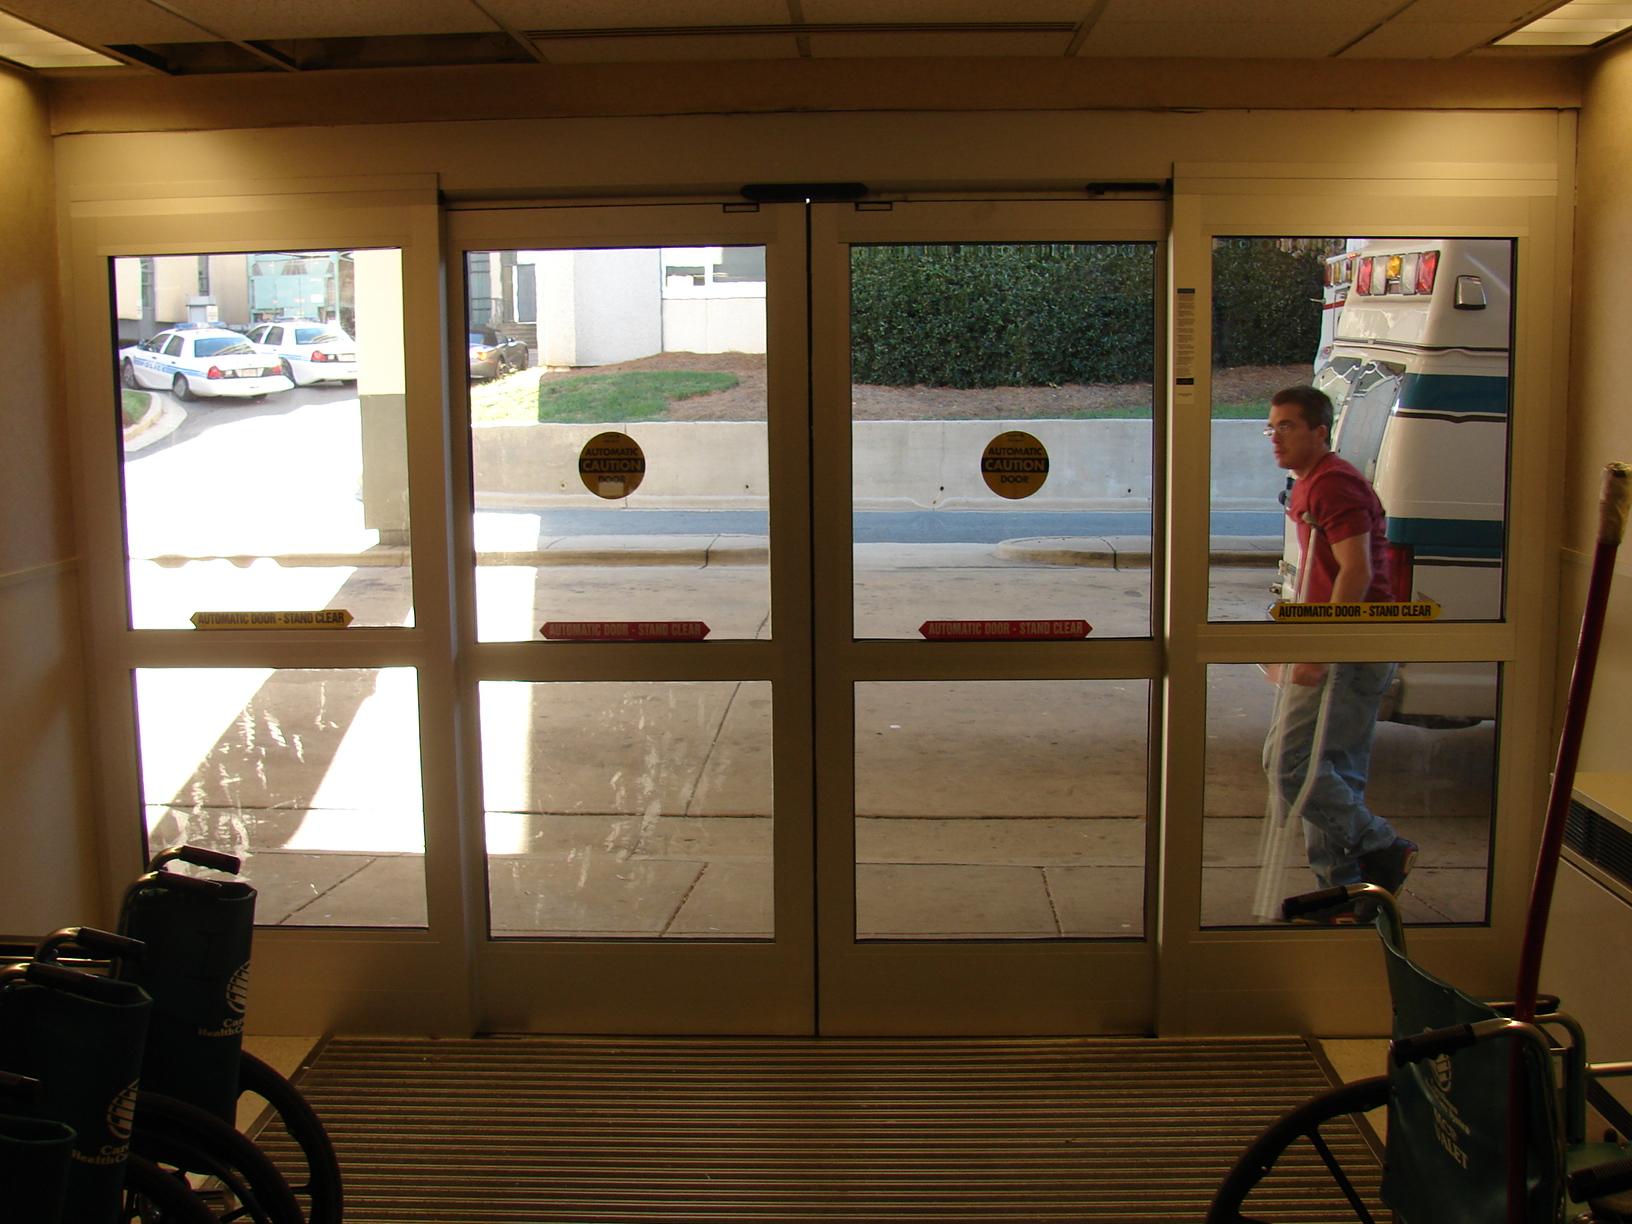 Emergency Room Sliding Doors